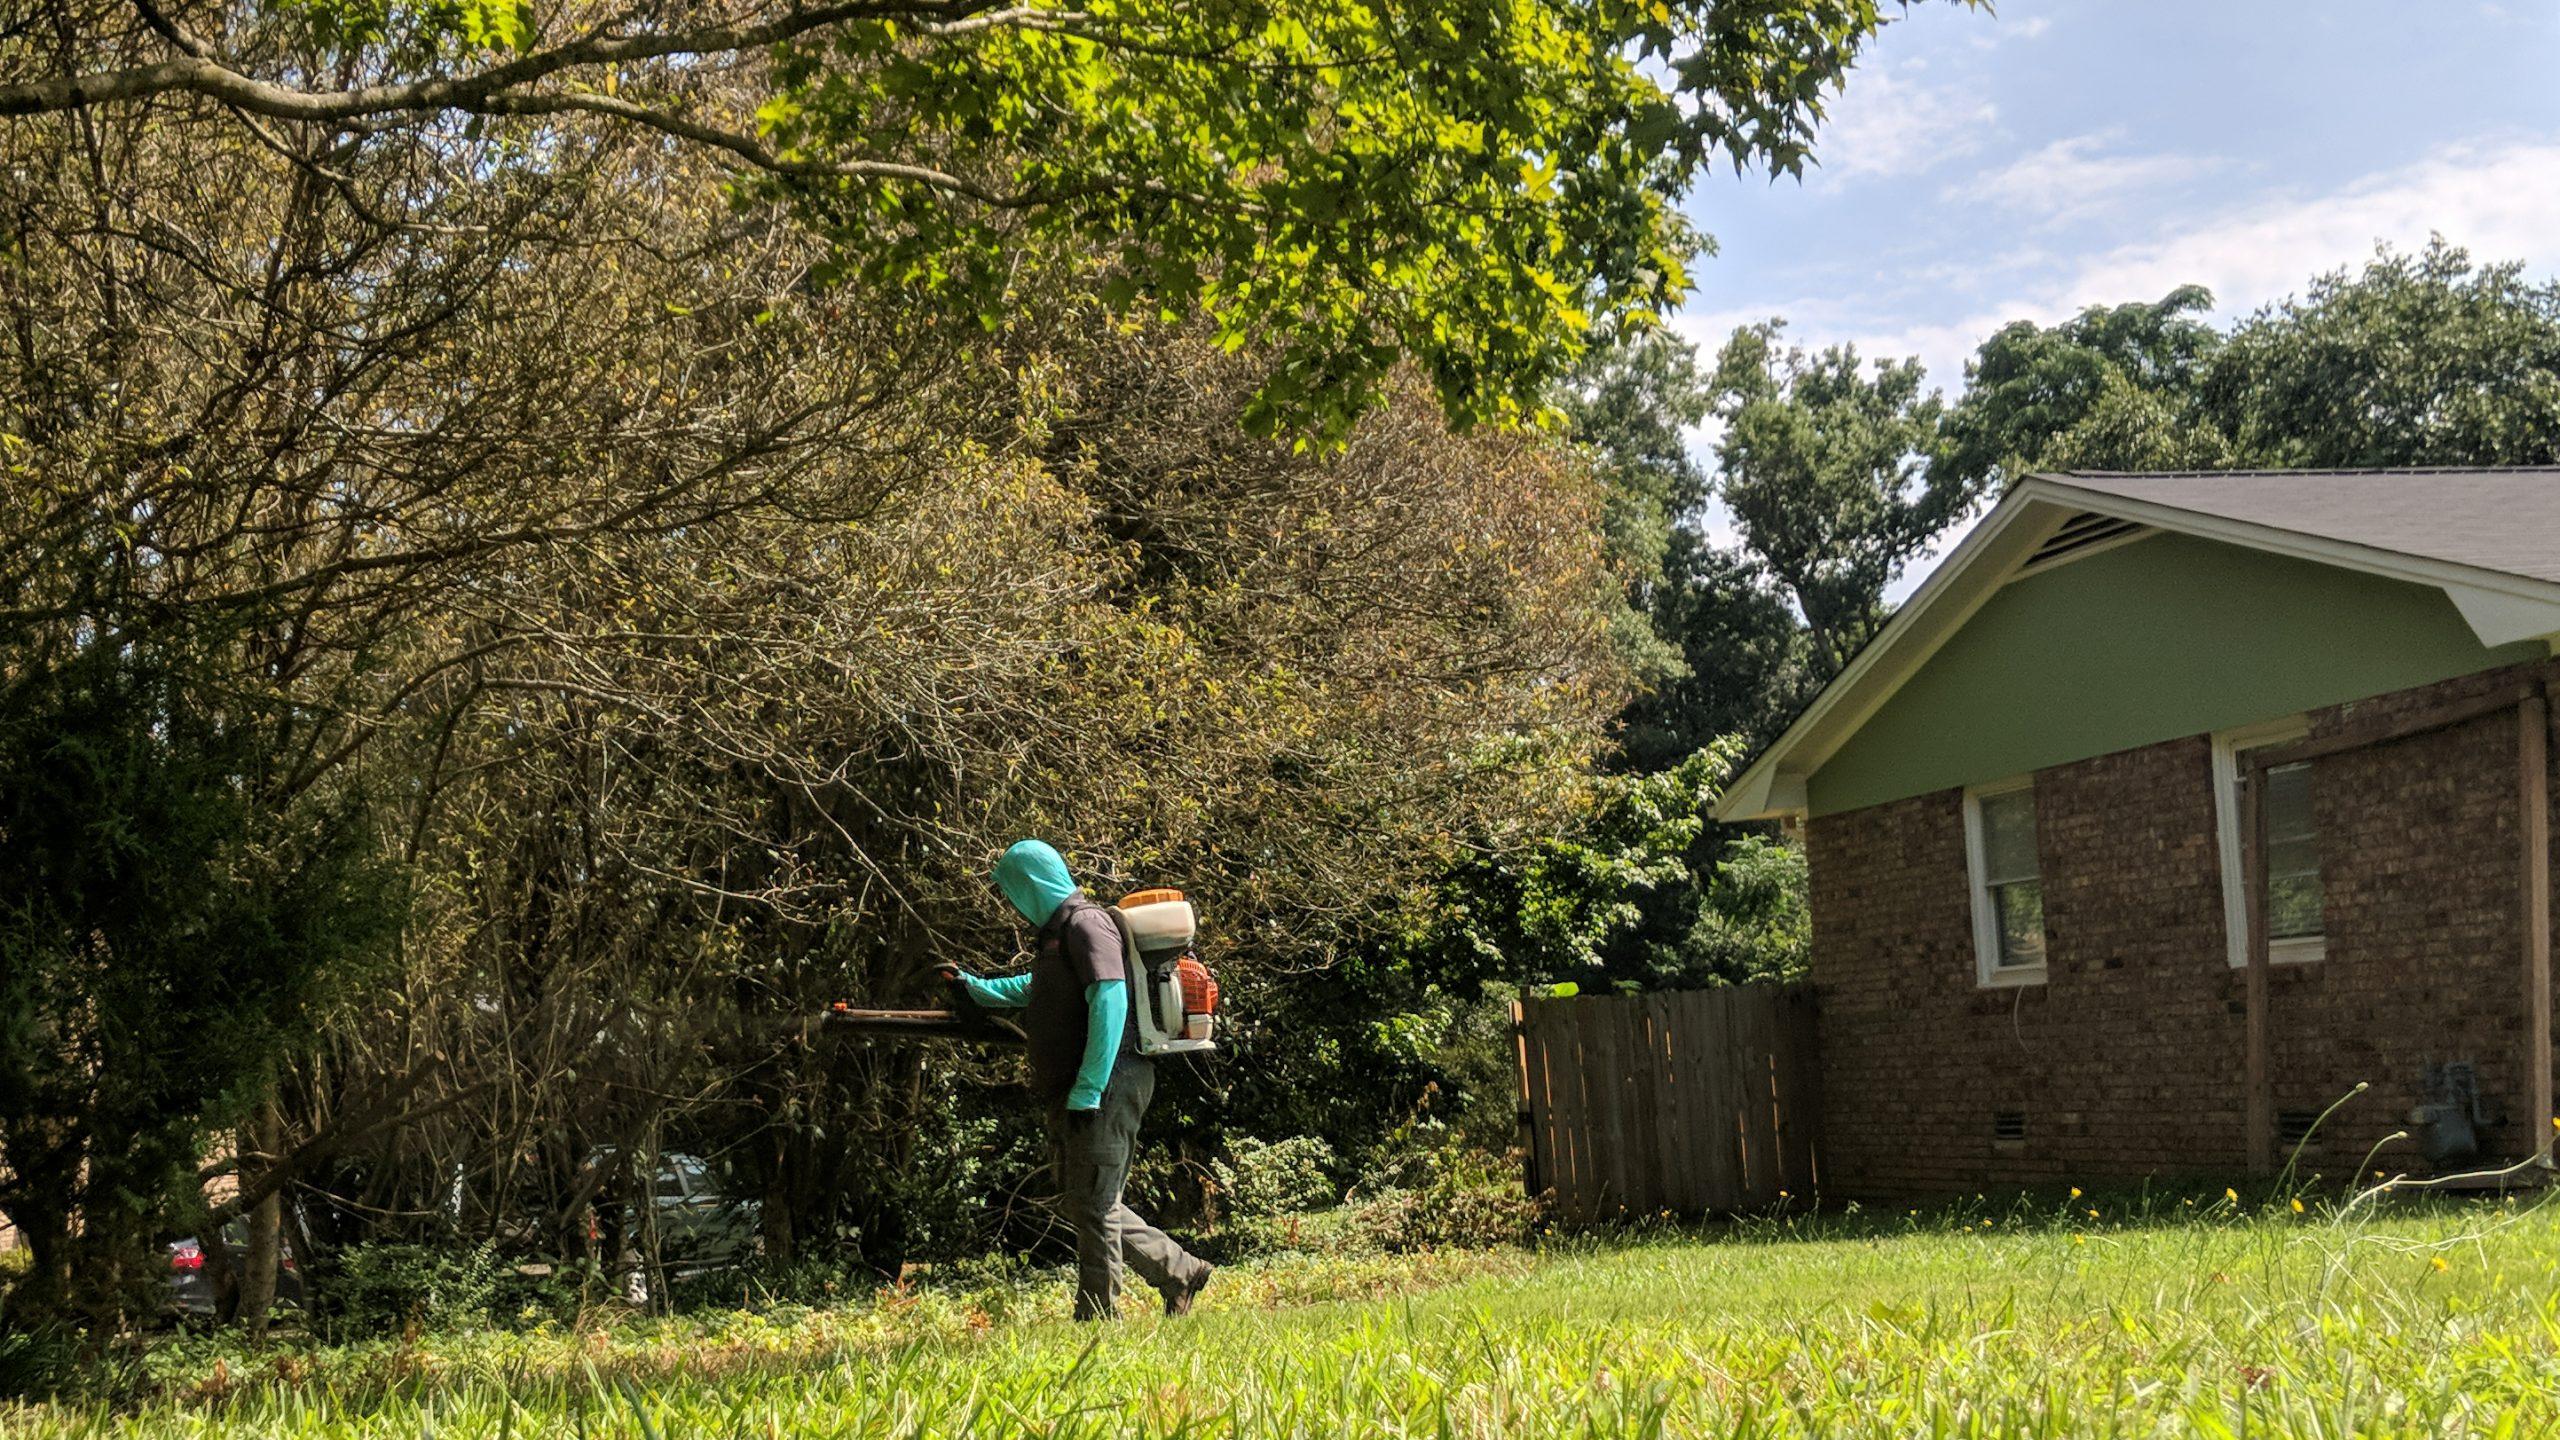 Lodestar Pest Management technician residential pest control